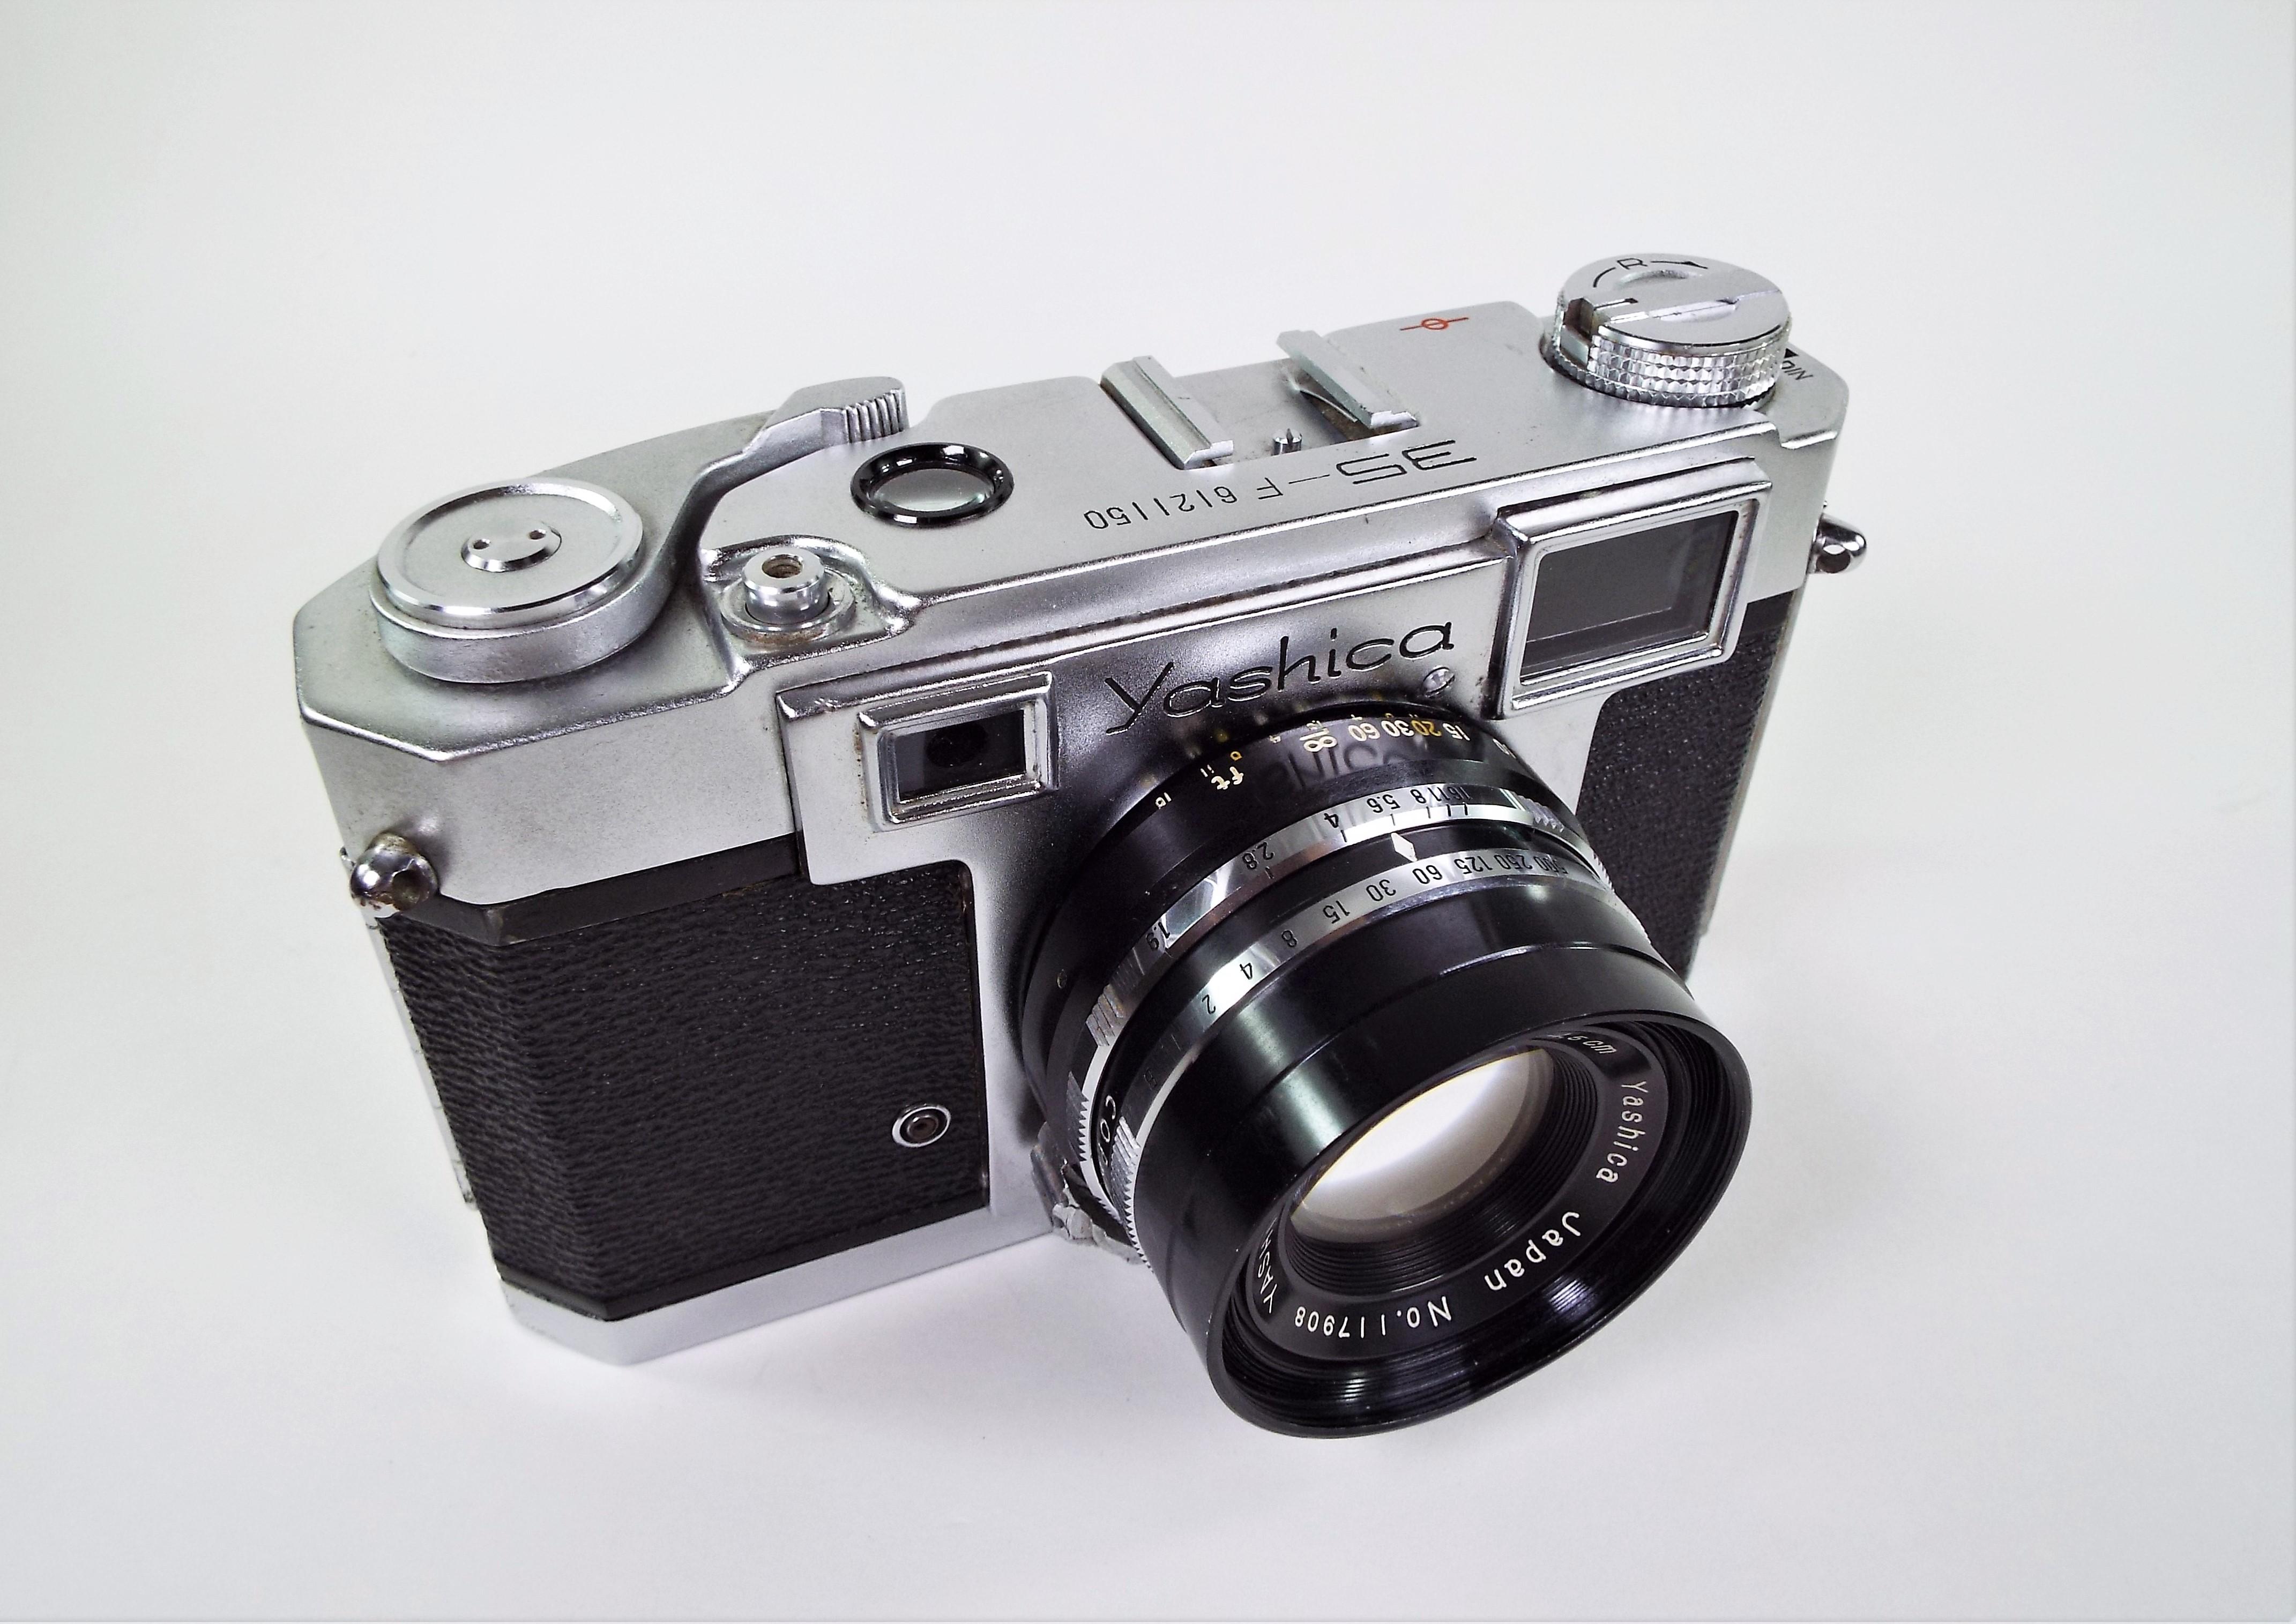 DSCF8430